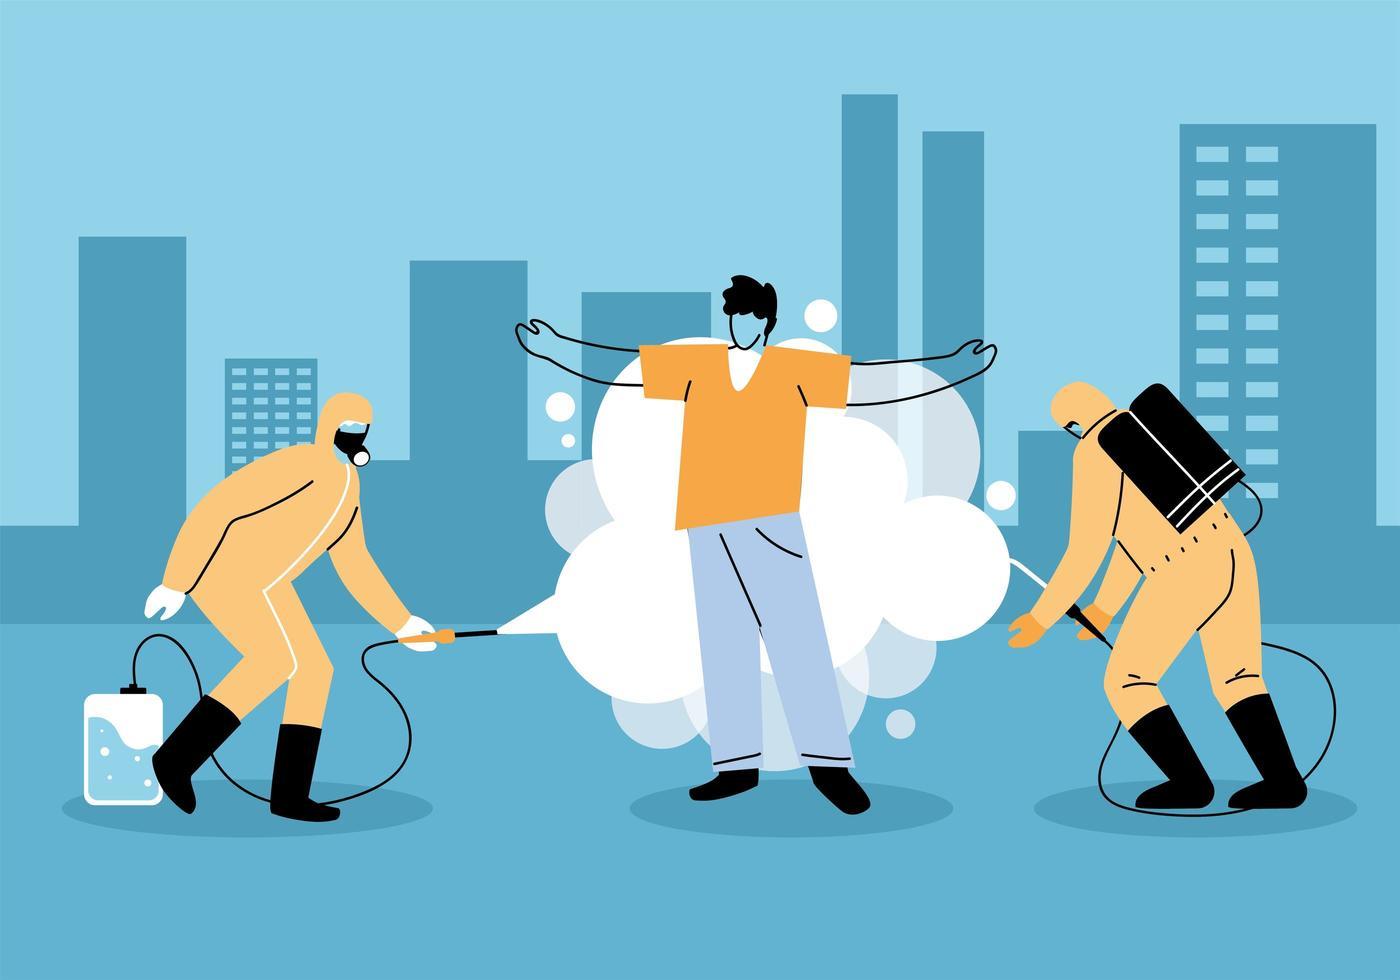 les hommes portent une combinaison de protection pour désinfecter une personne vecteur